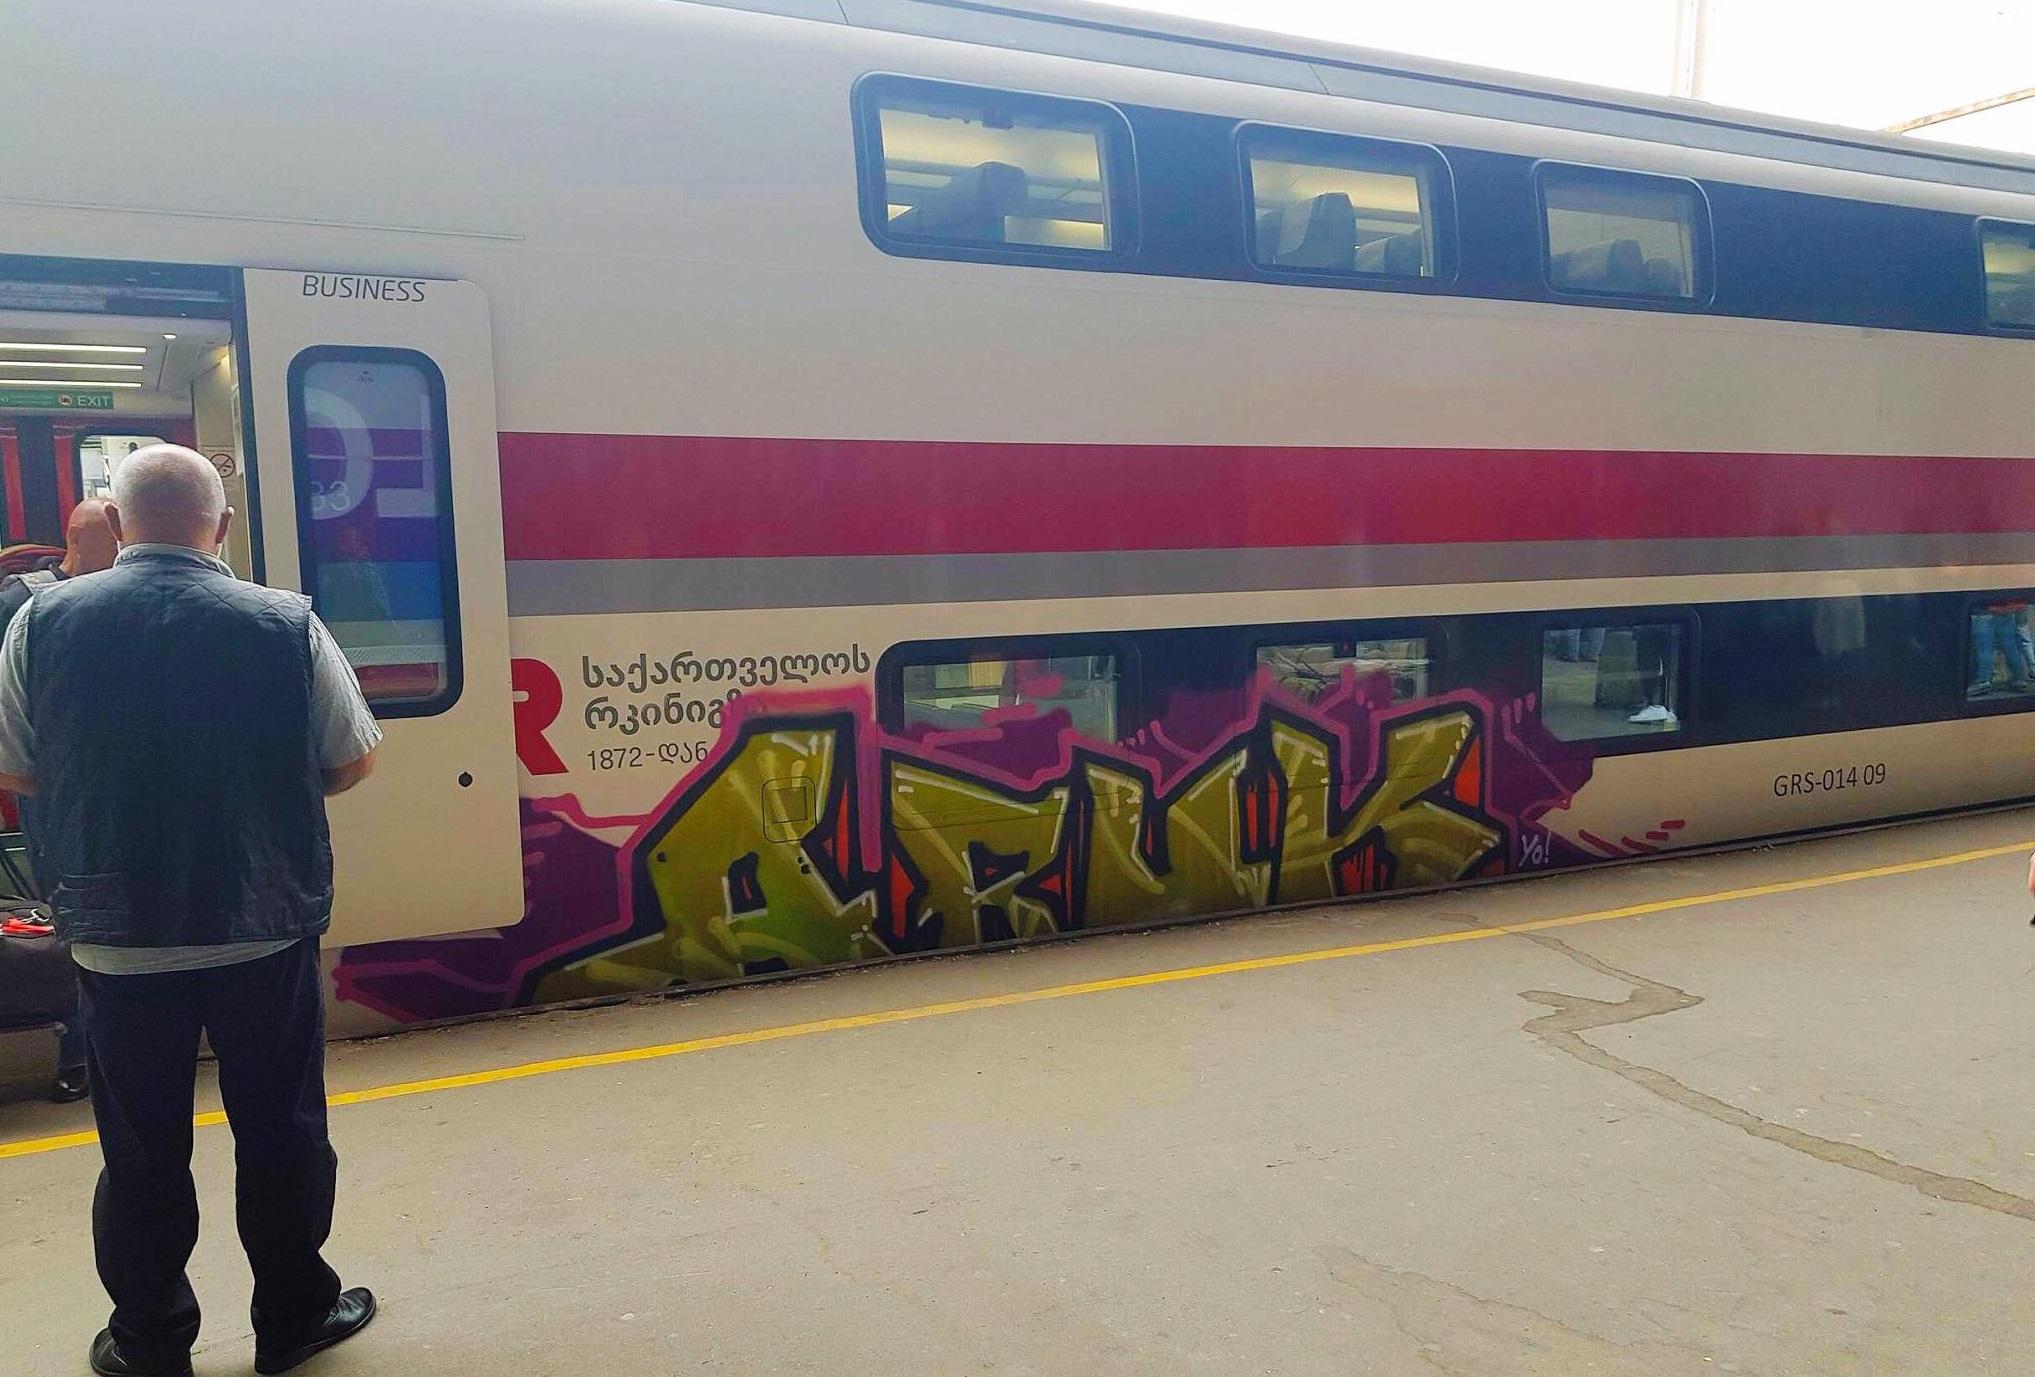 მატარებლის მგზავრები ვაგონის მოხატვის გამო ერთი საათით შეაყოვნეს